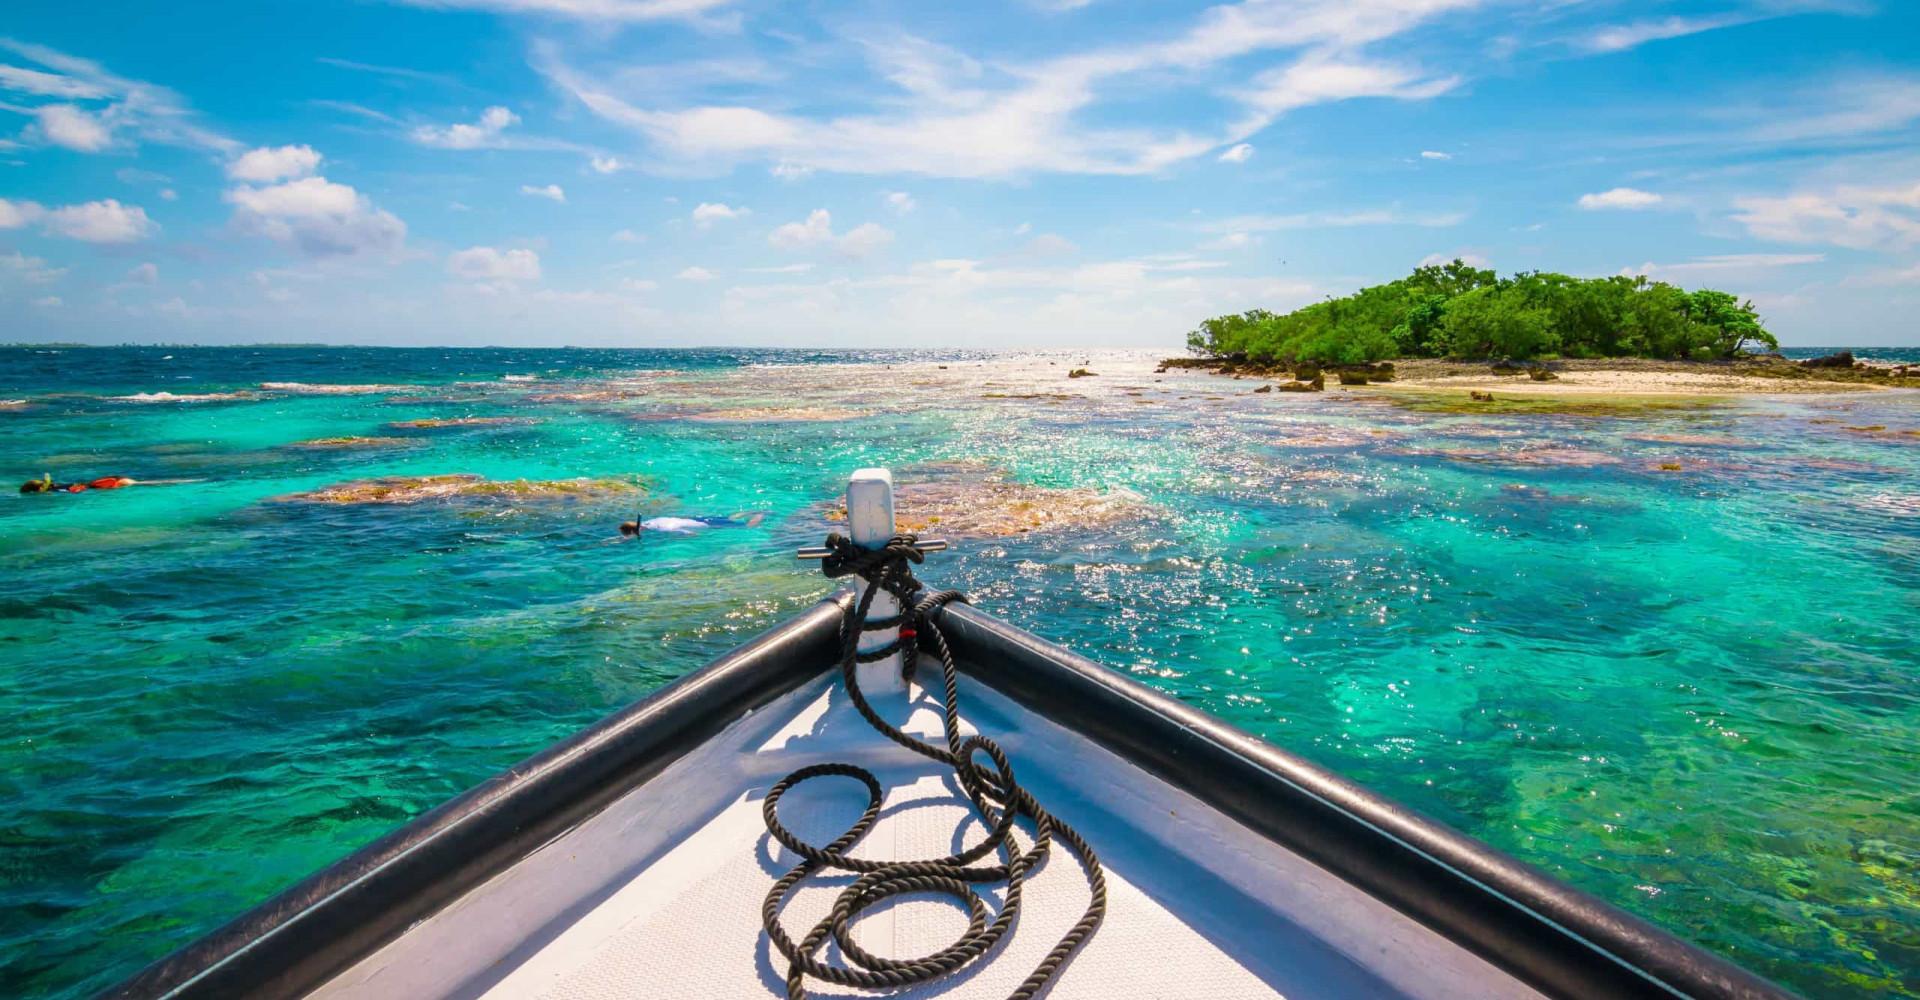 La beauté saisissante de la Polynésie française